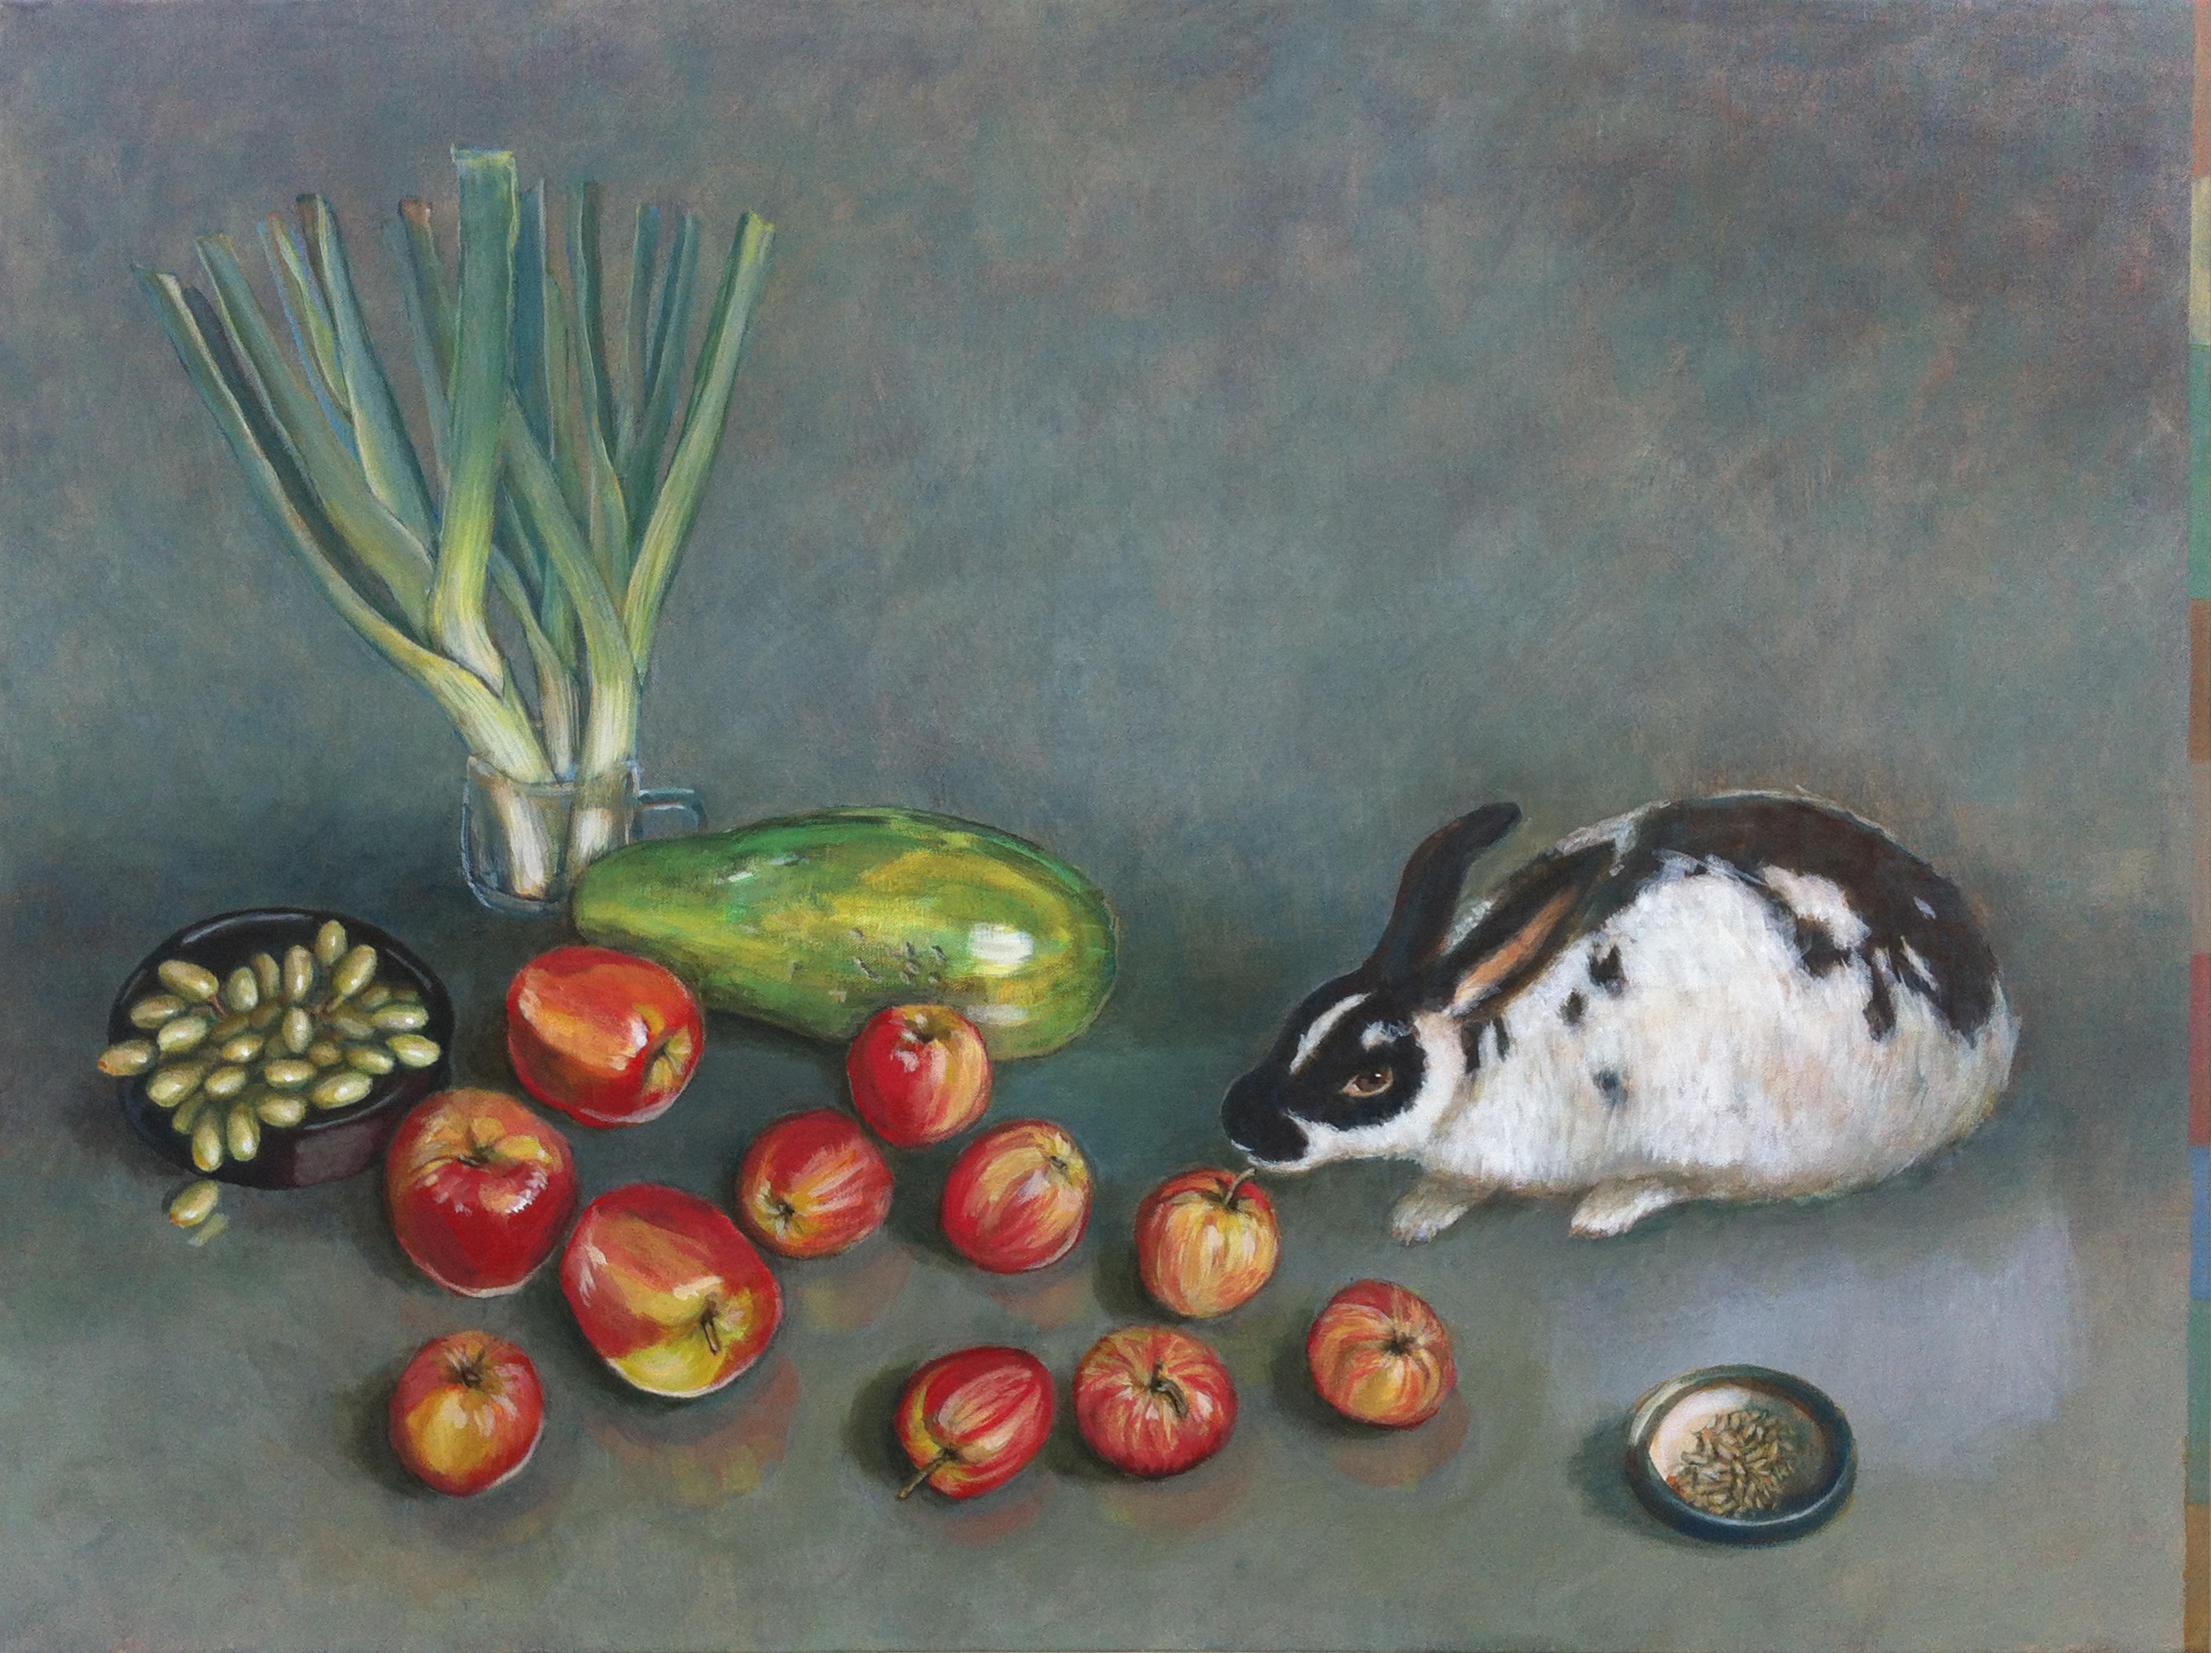 Still life with Rabbit and Papaya